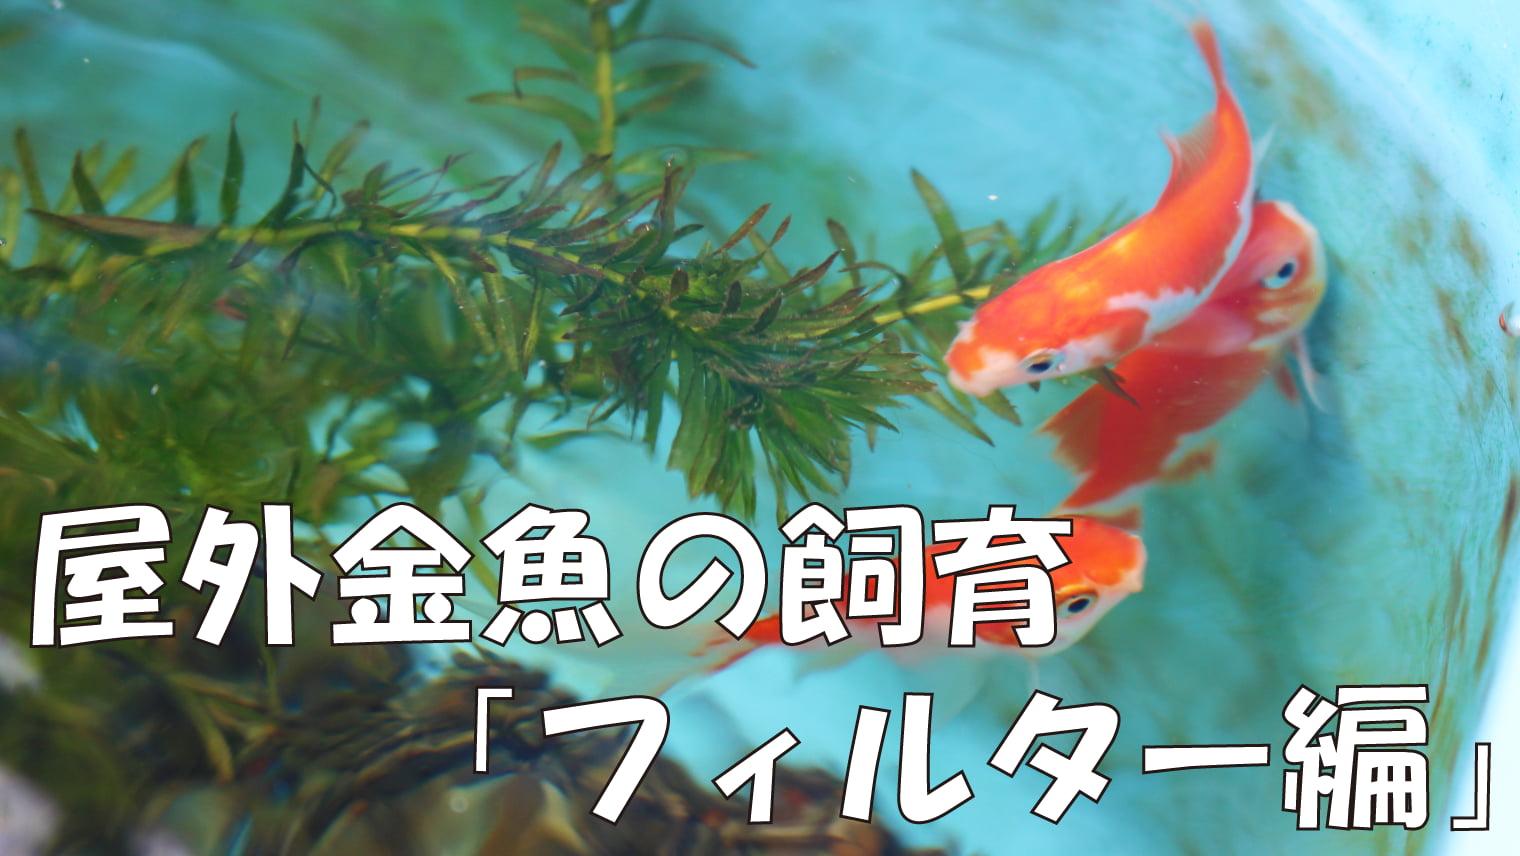 屋外金魚の飼育「フィルターについて」